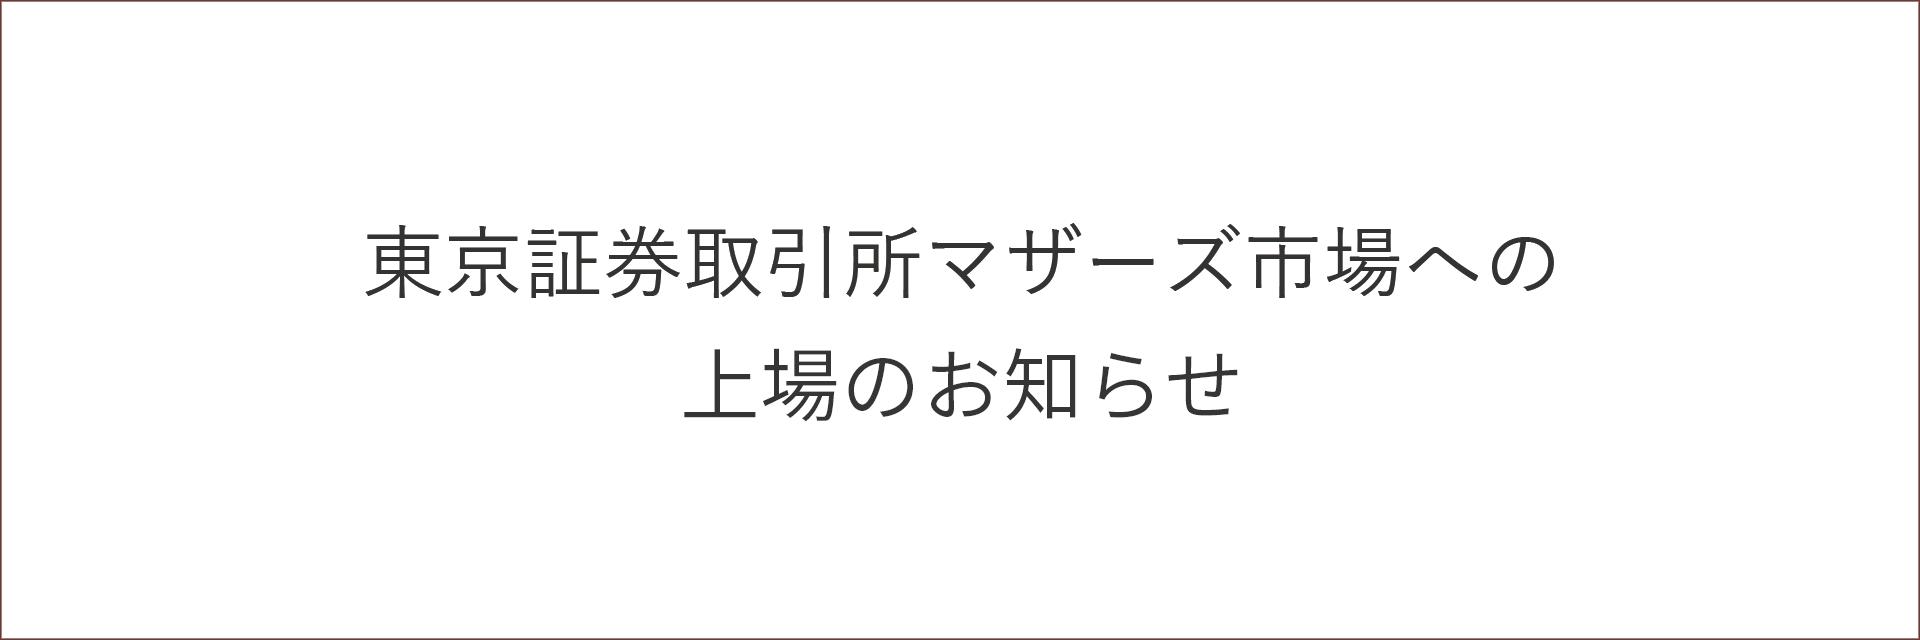 東京証券取引所マザーズ市場への上場のお知らせ